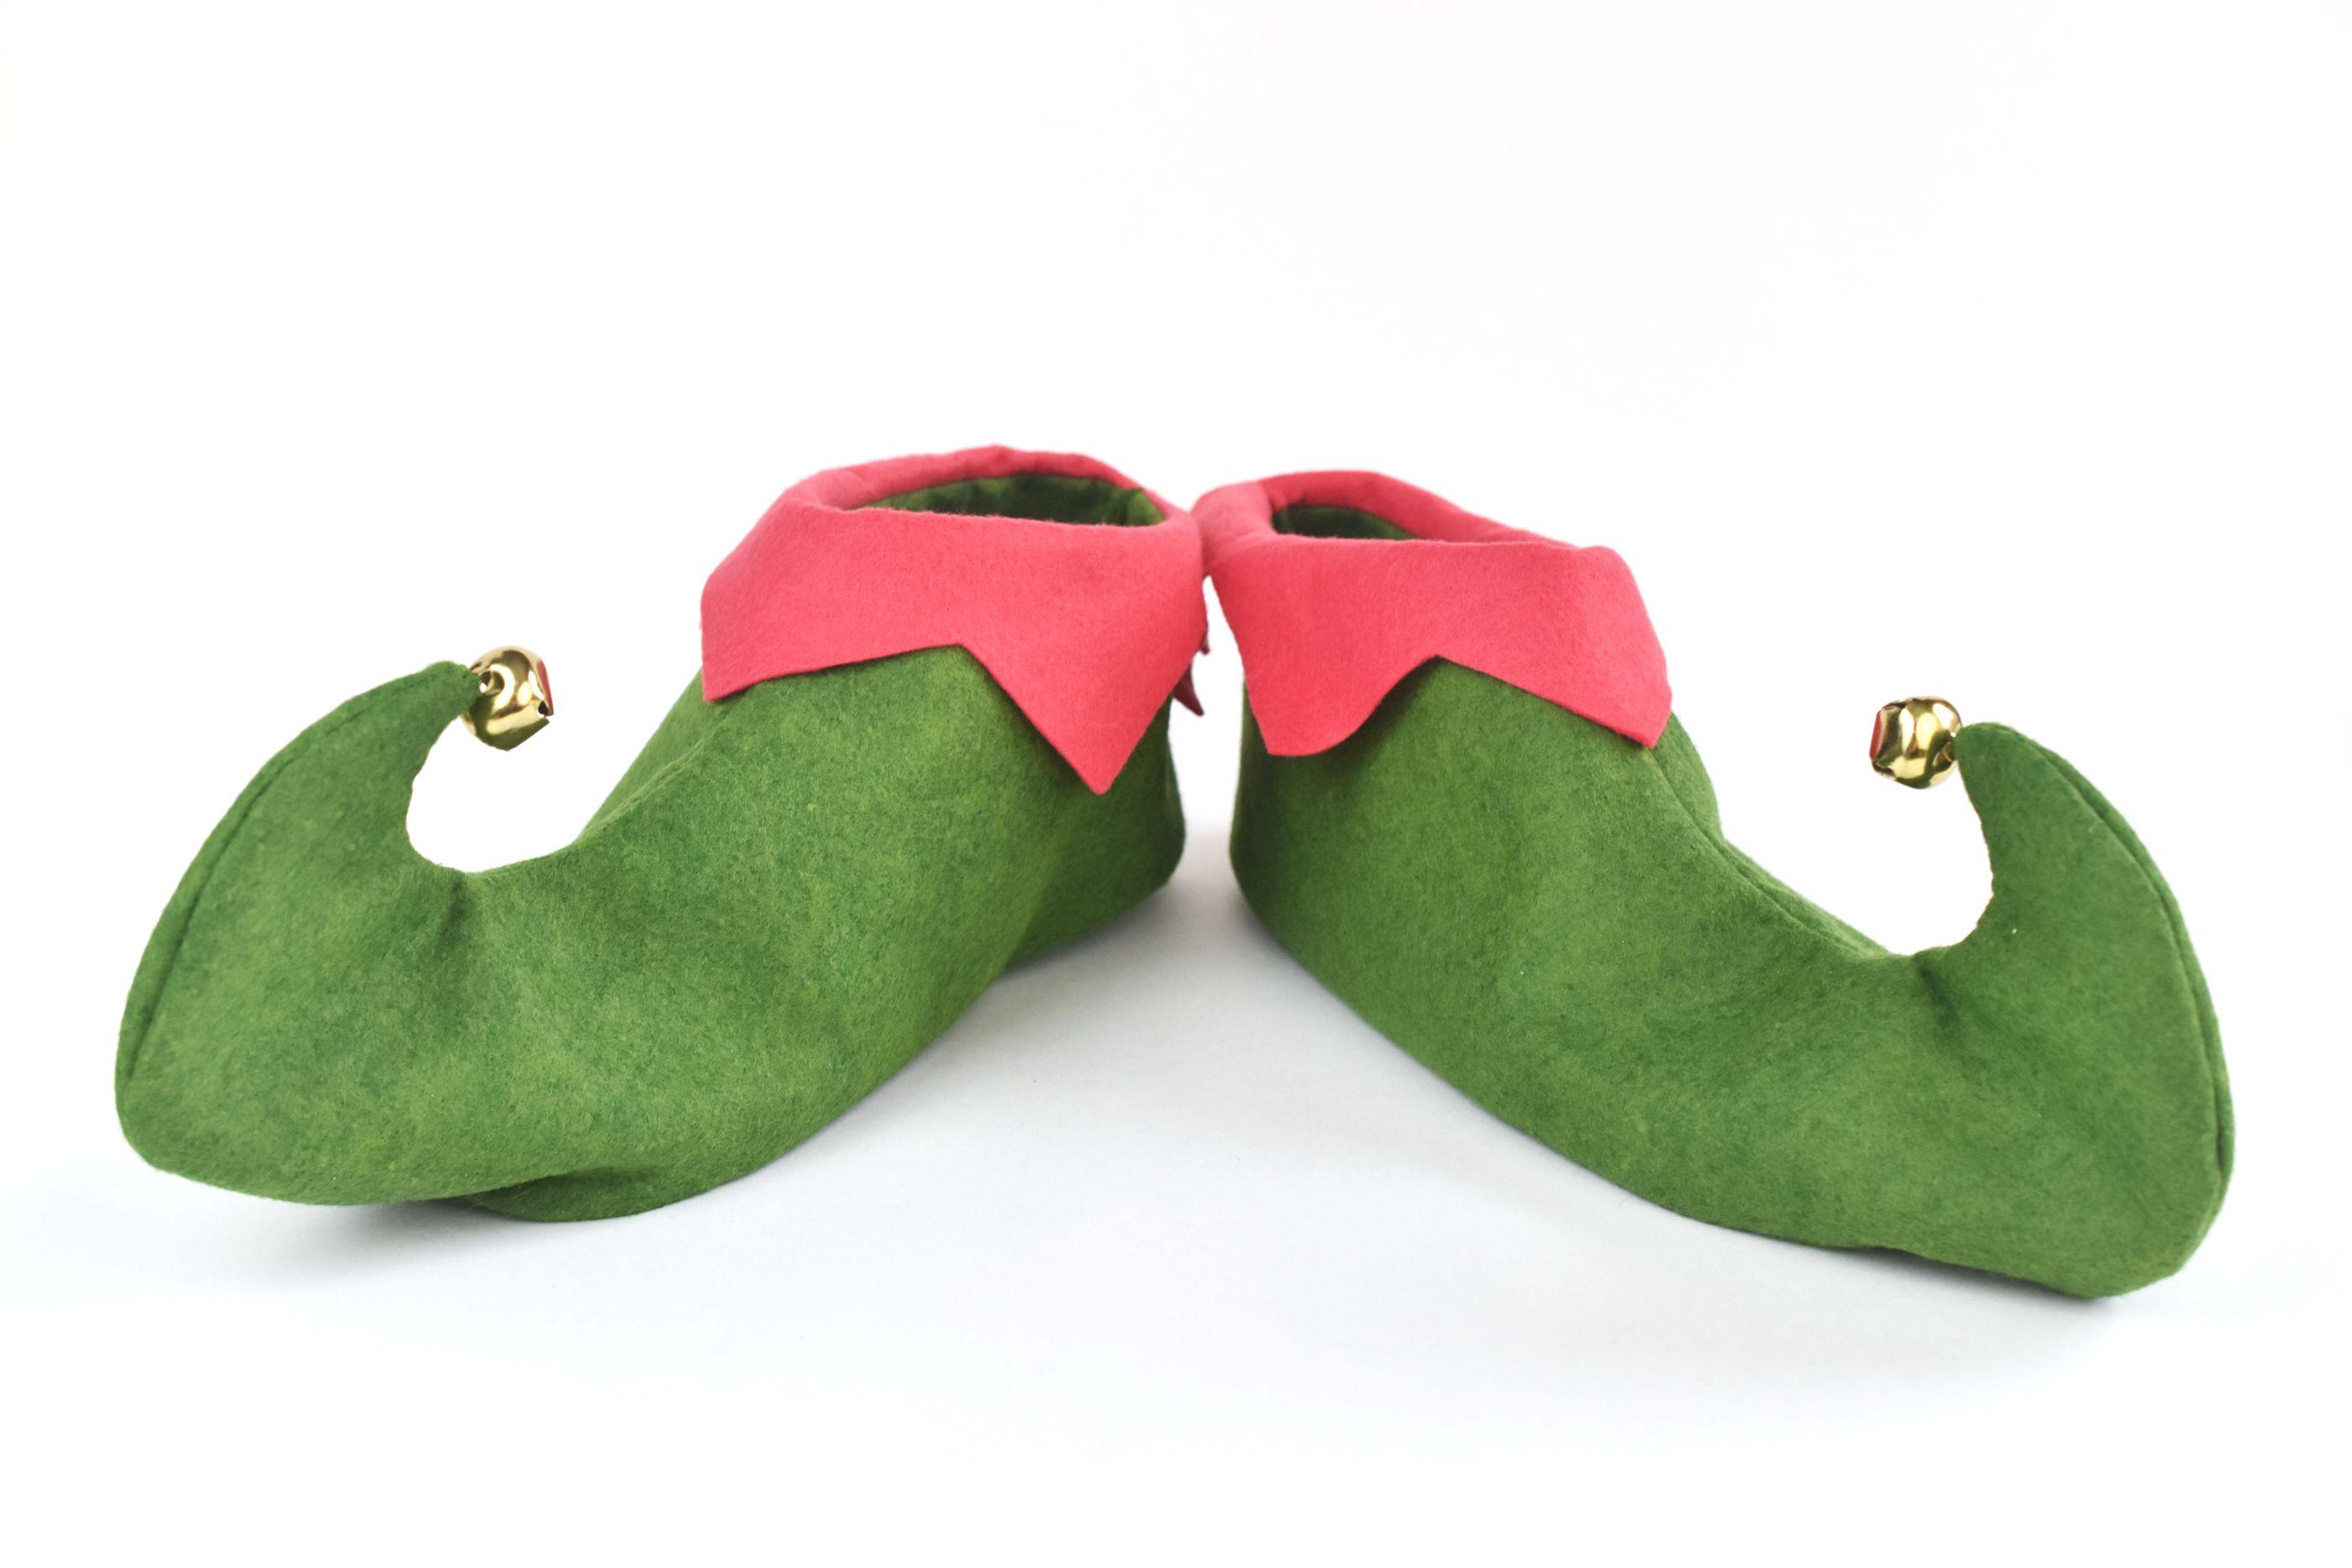 3de46a4c0f9 How to Sew Felt Elf Shoes